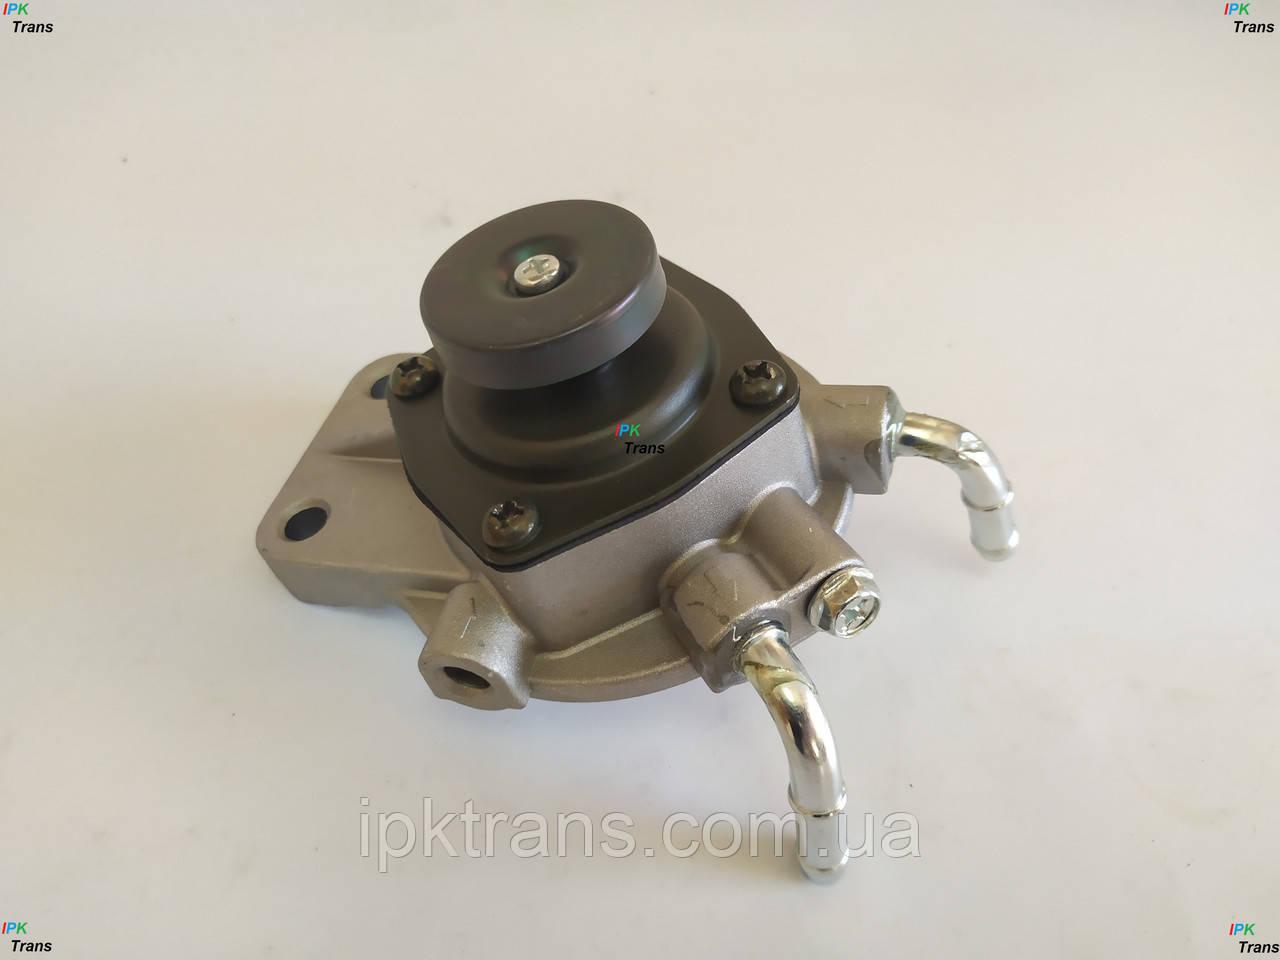 Насос підкачування палива на навантажувач Komatsu FD15T-14 (4D92E) (702 грн) YM12990155810 / 129901-55810